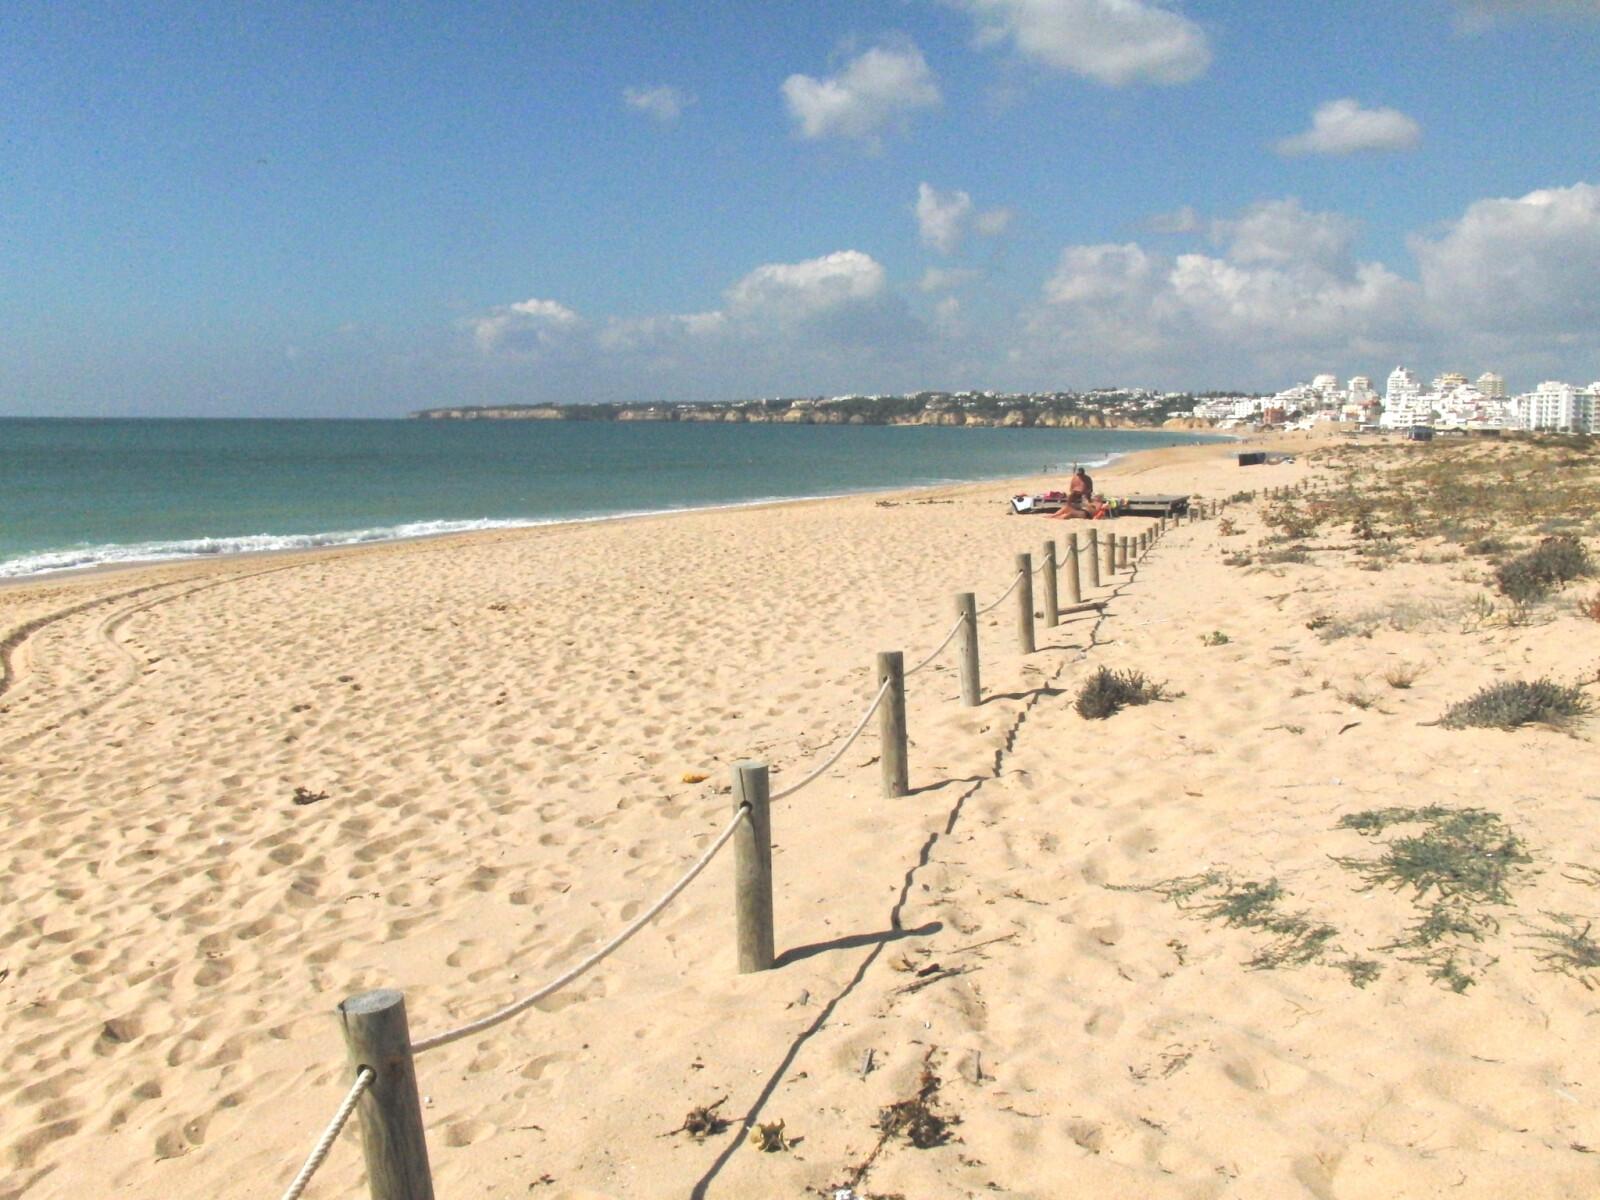 praia-grande-silves-melhores-praias-de-nudismo-do-algarve